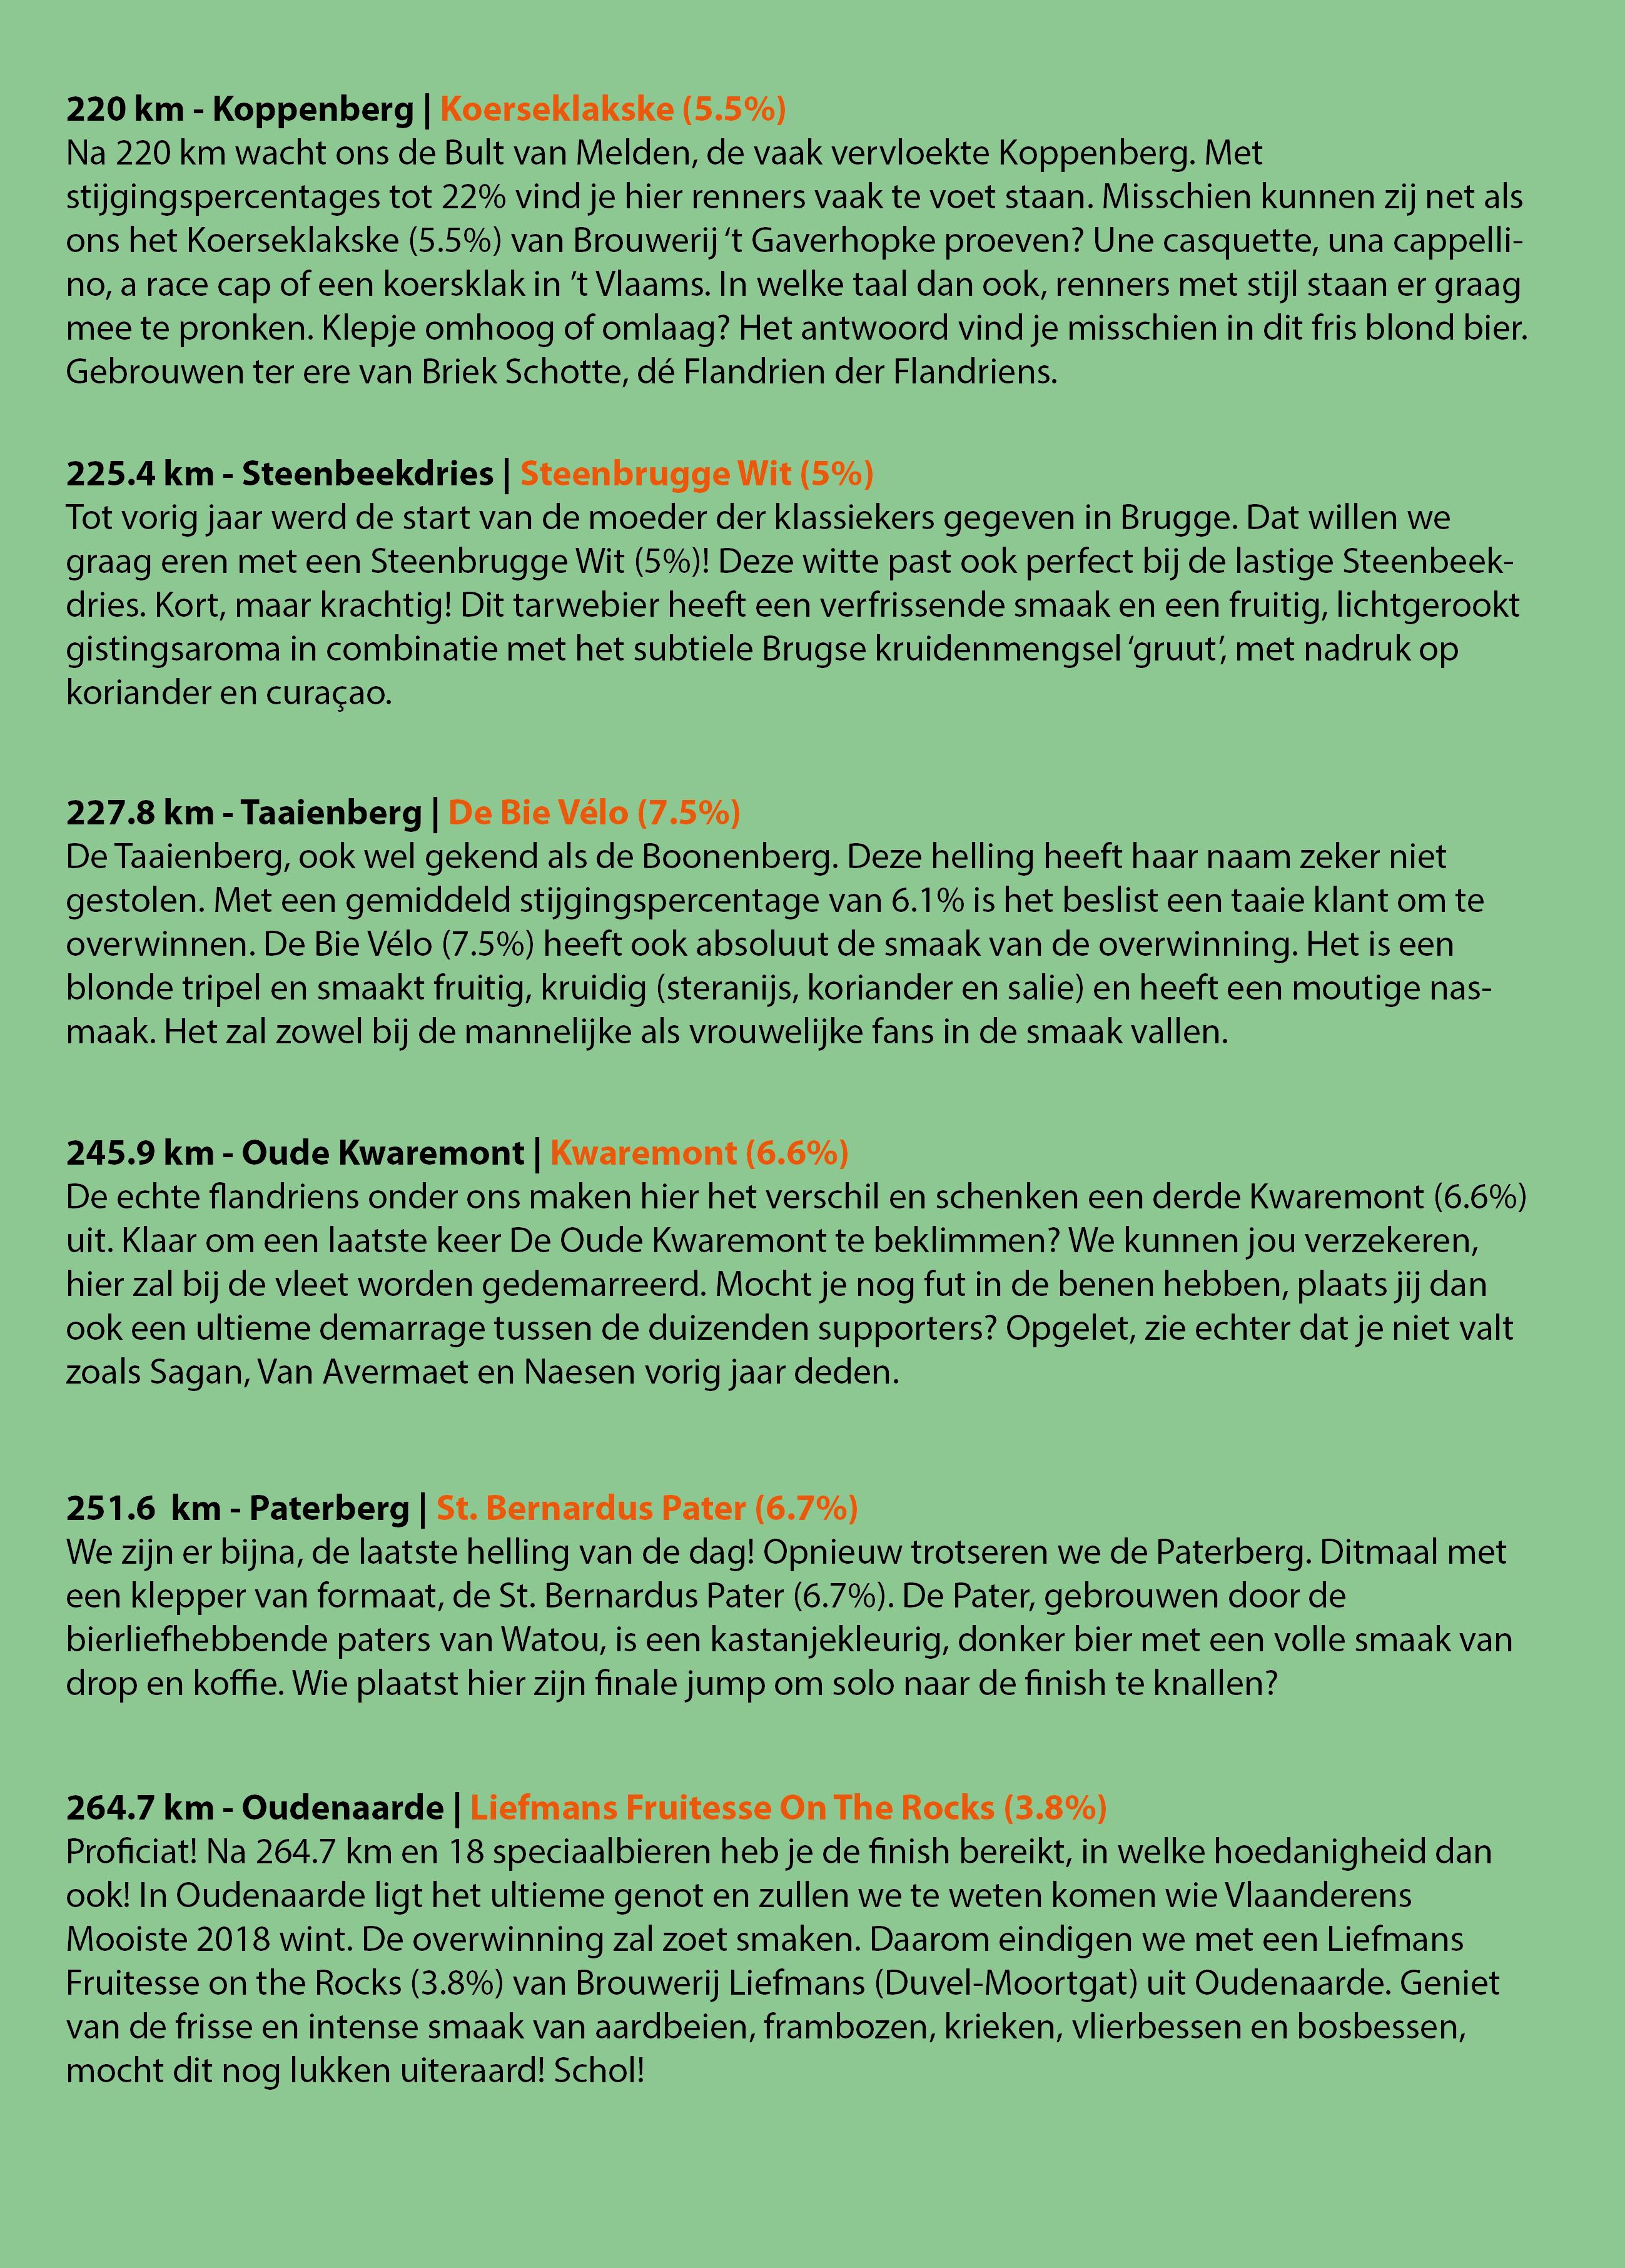 Ronde Van Vlaanderen 2018 Biergids - Bierparadijs - Blz3